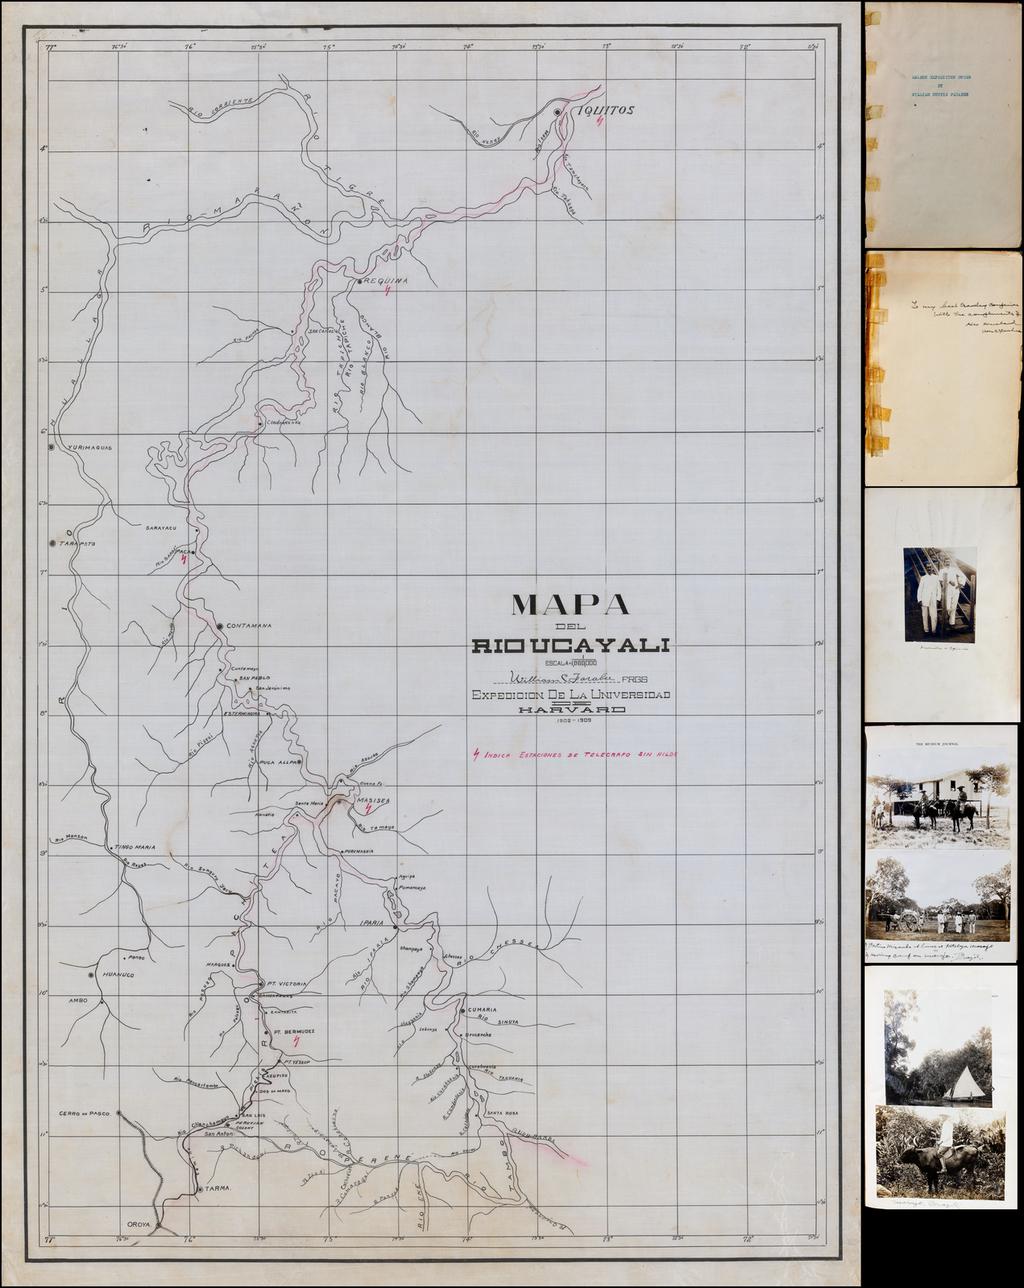 (7 Map Archive -- William Farrabee in Eastern Peru)  Mapa Del Rio Ucayali . . . Expedition De La Universidad de Harvard 1908-1909 By William Curtis Farabee